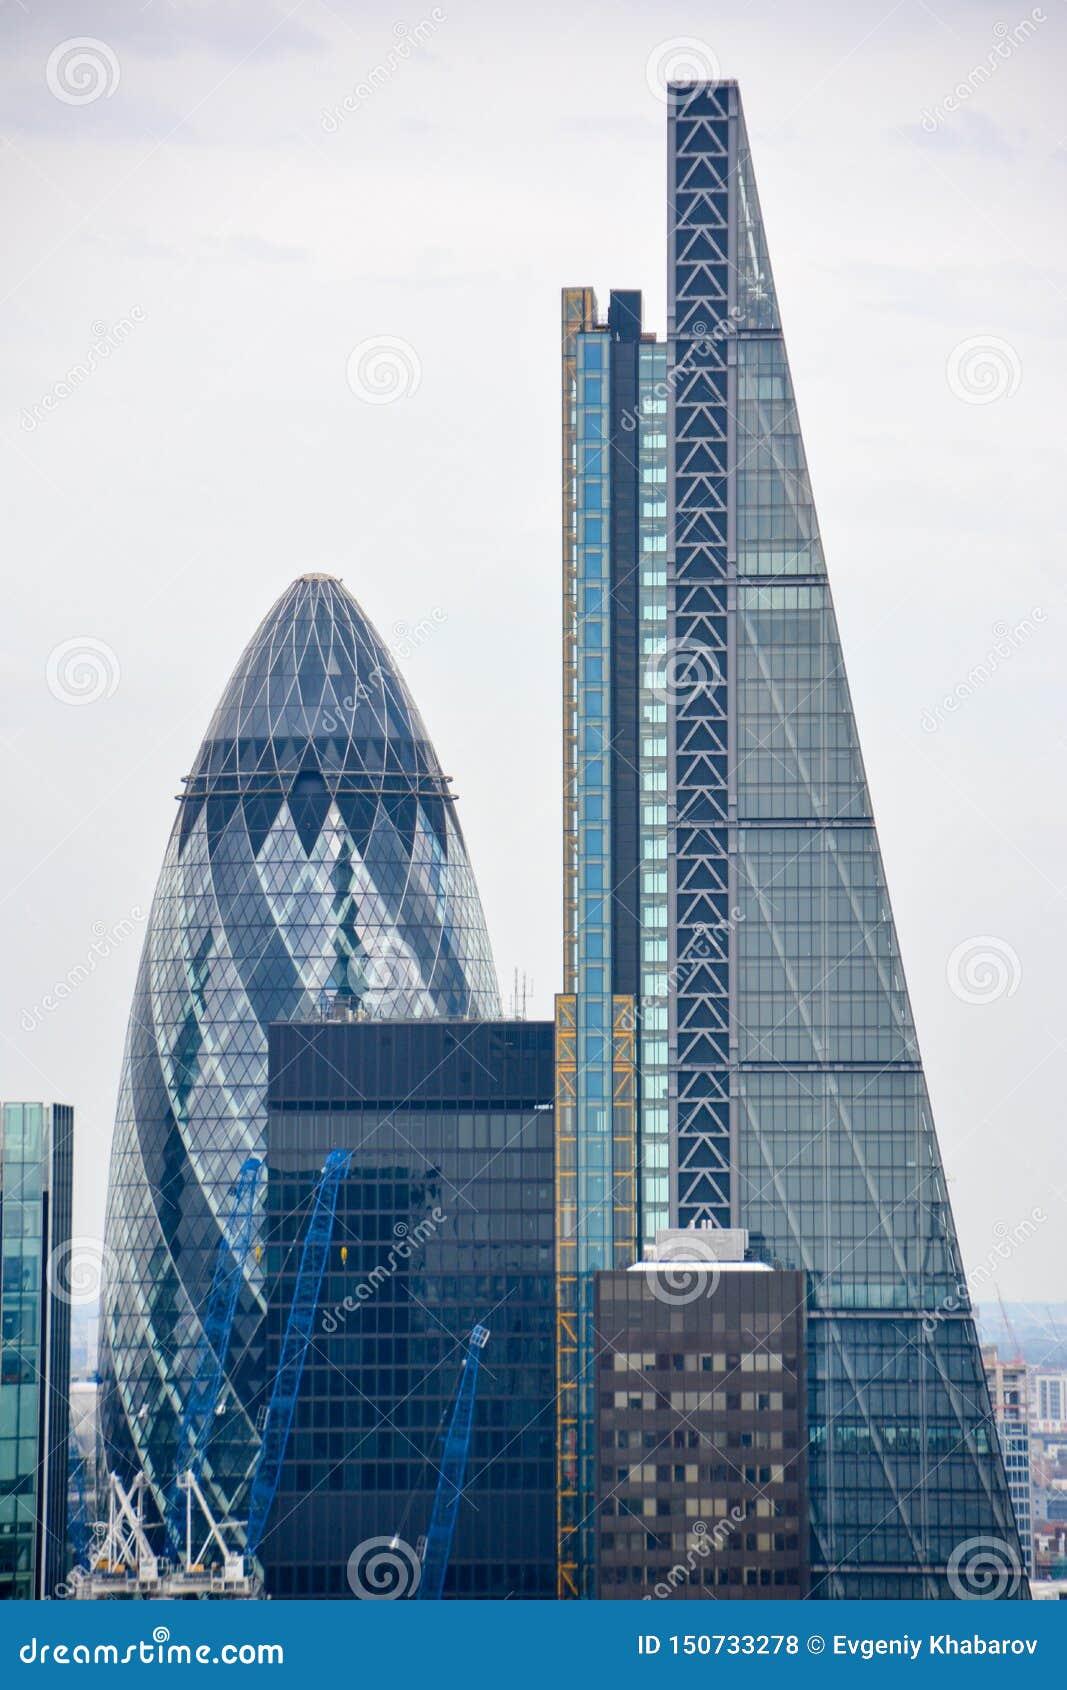 ЛОНДОН, ВЕЛИКОБРИТАНИЯ - 19-ОЕ ИЮЛЯ 2014: Город Лондона одного ведущих центров глобальных финансов